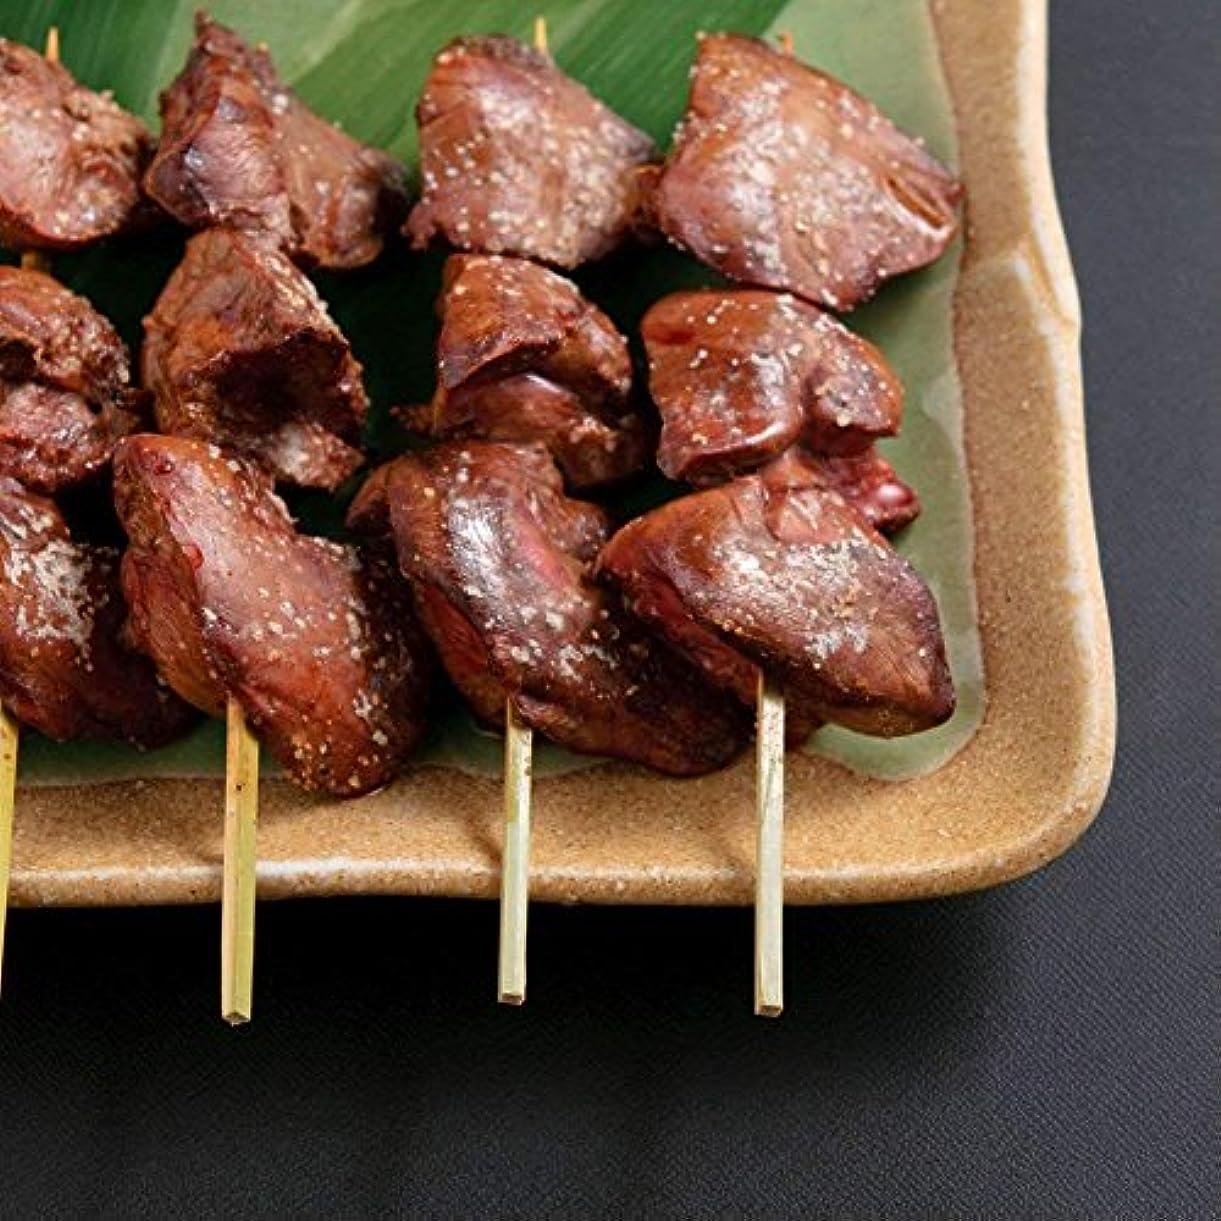 階層ライターひねくれた国産 レバー串セット 焼き鳥 焼肉 バーベキュー におすすめ (20本)